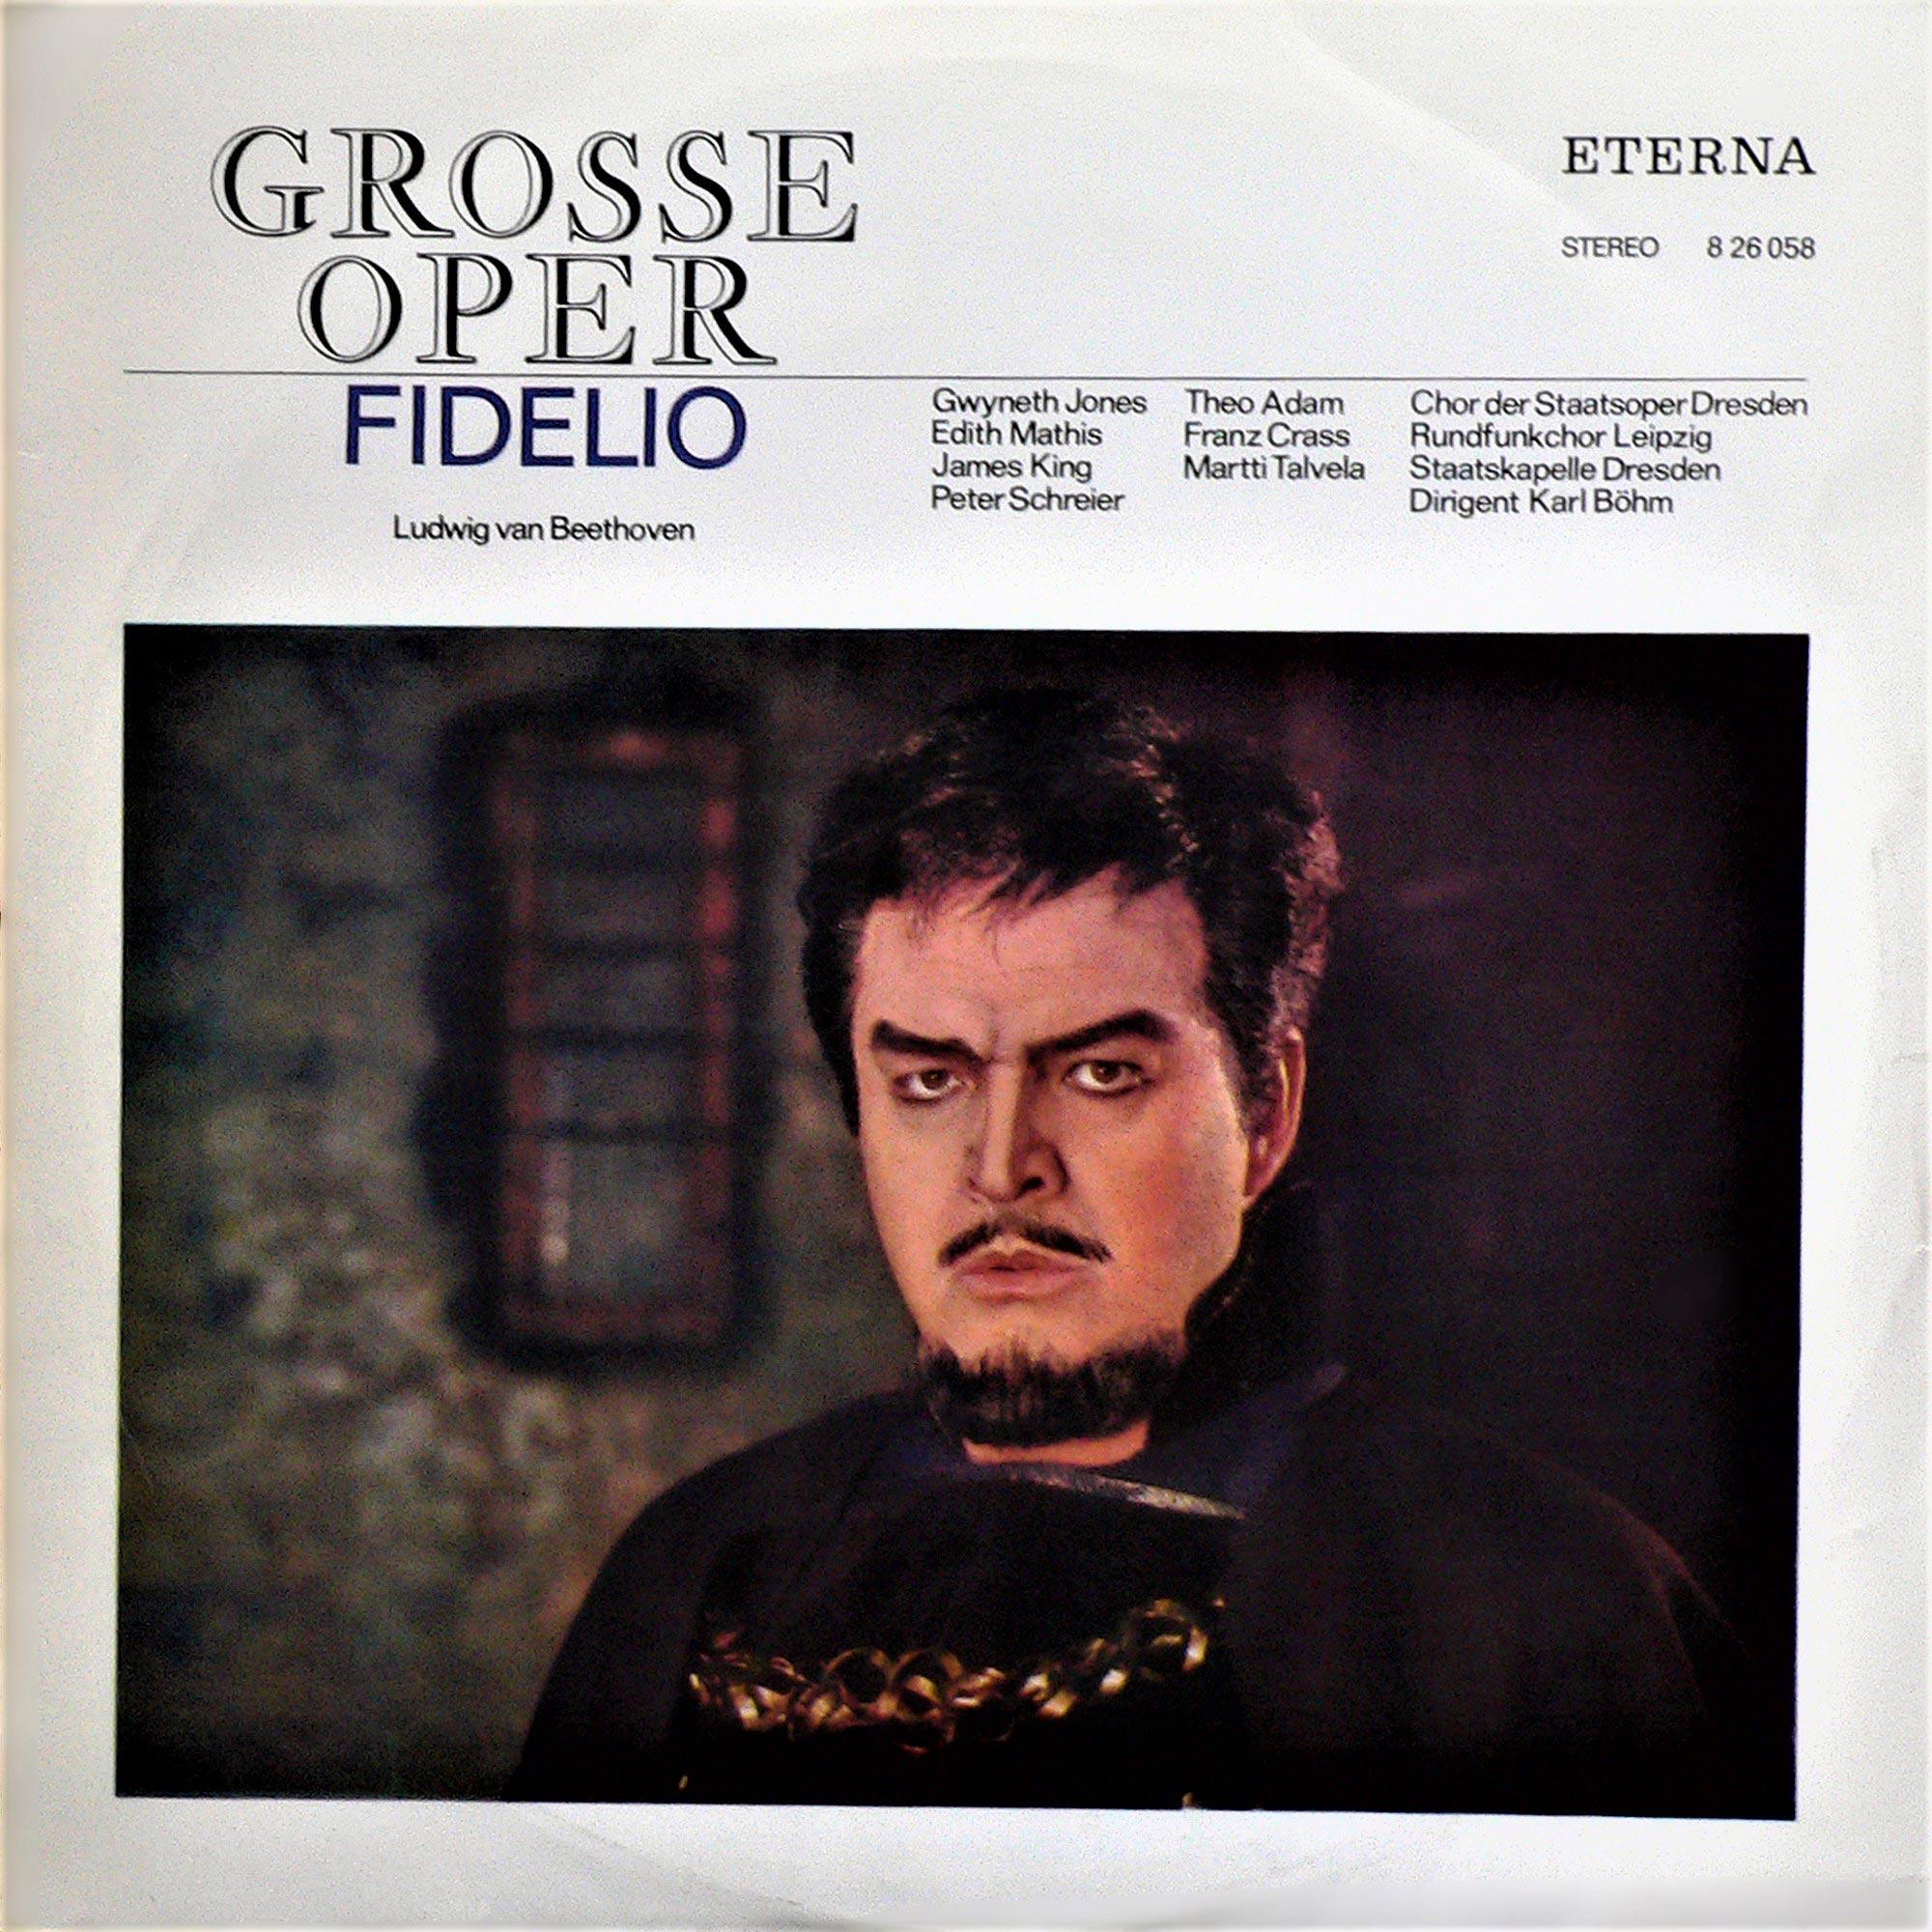 Fidelio - Opernquerschnitt | LP (1973, Re-Release) von Ludwig van Beethoven